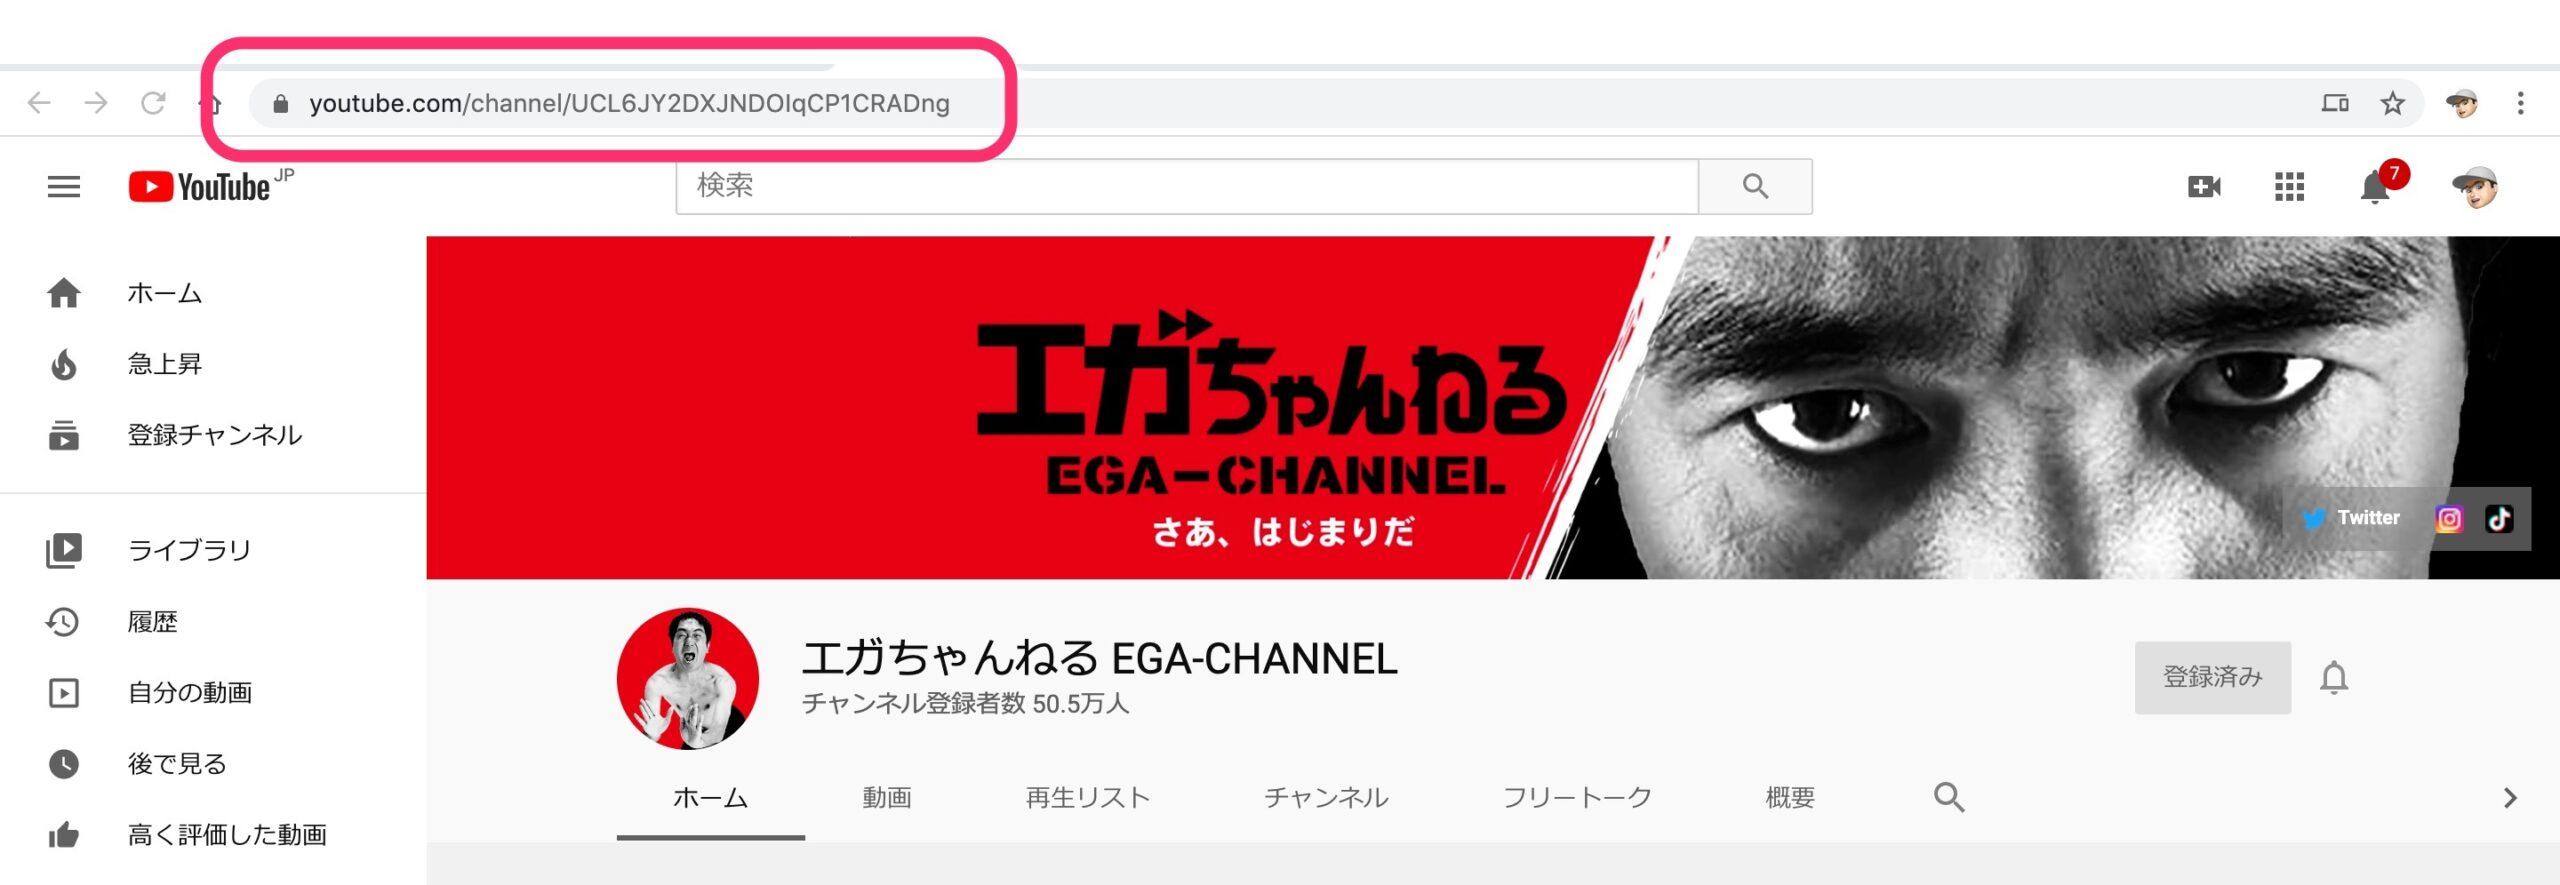 7 エガちゃんねる EGA CHANNEL YouTube